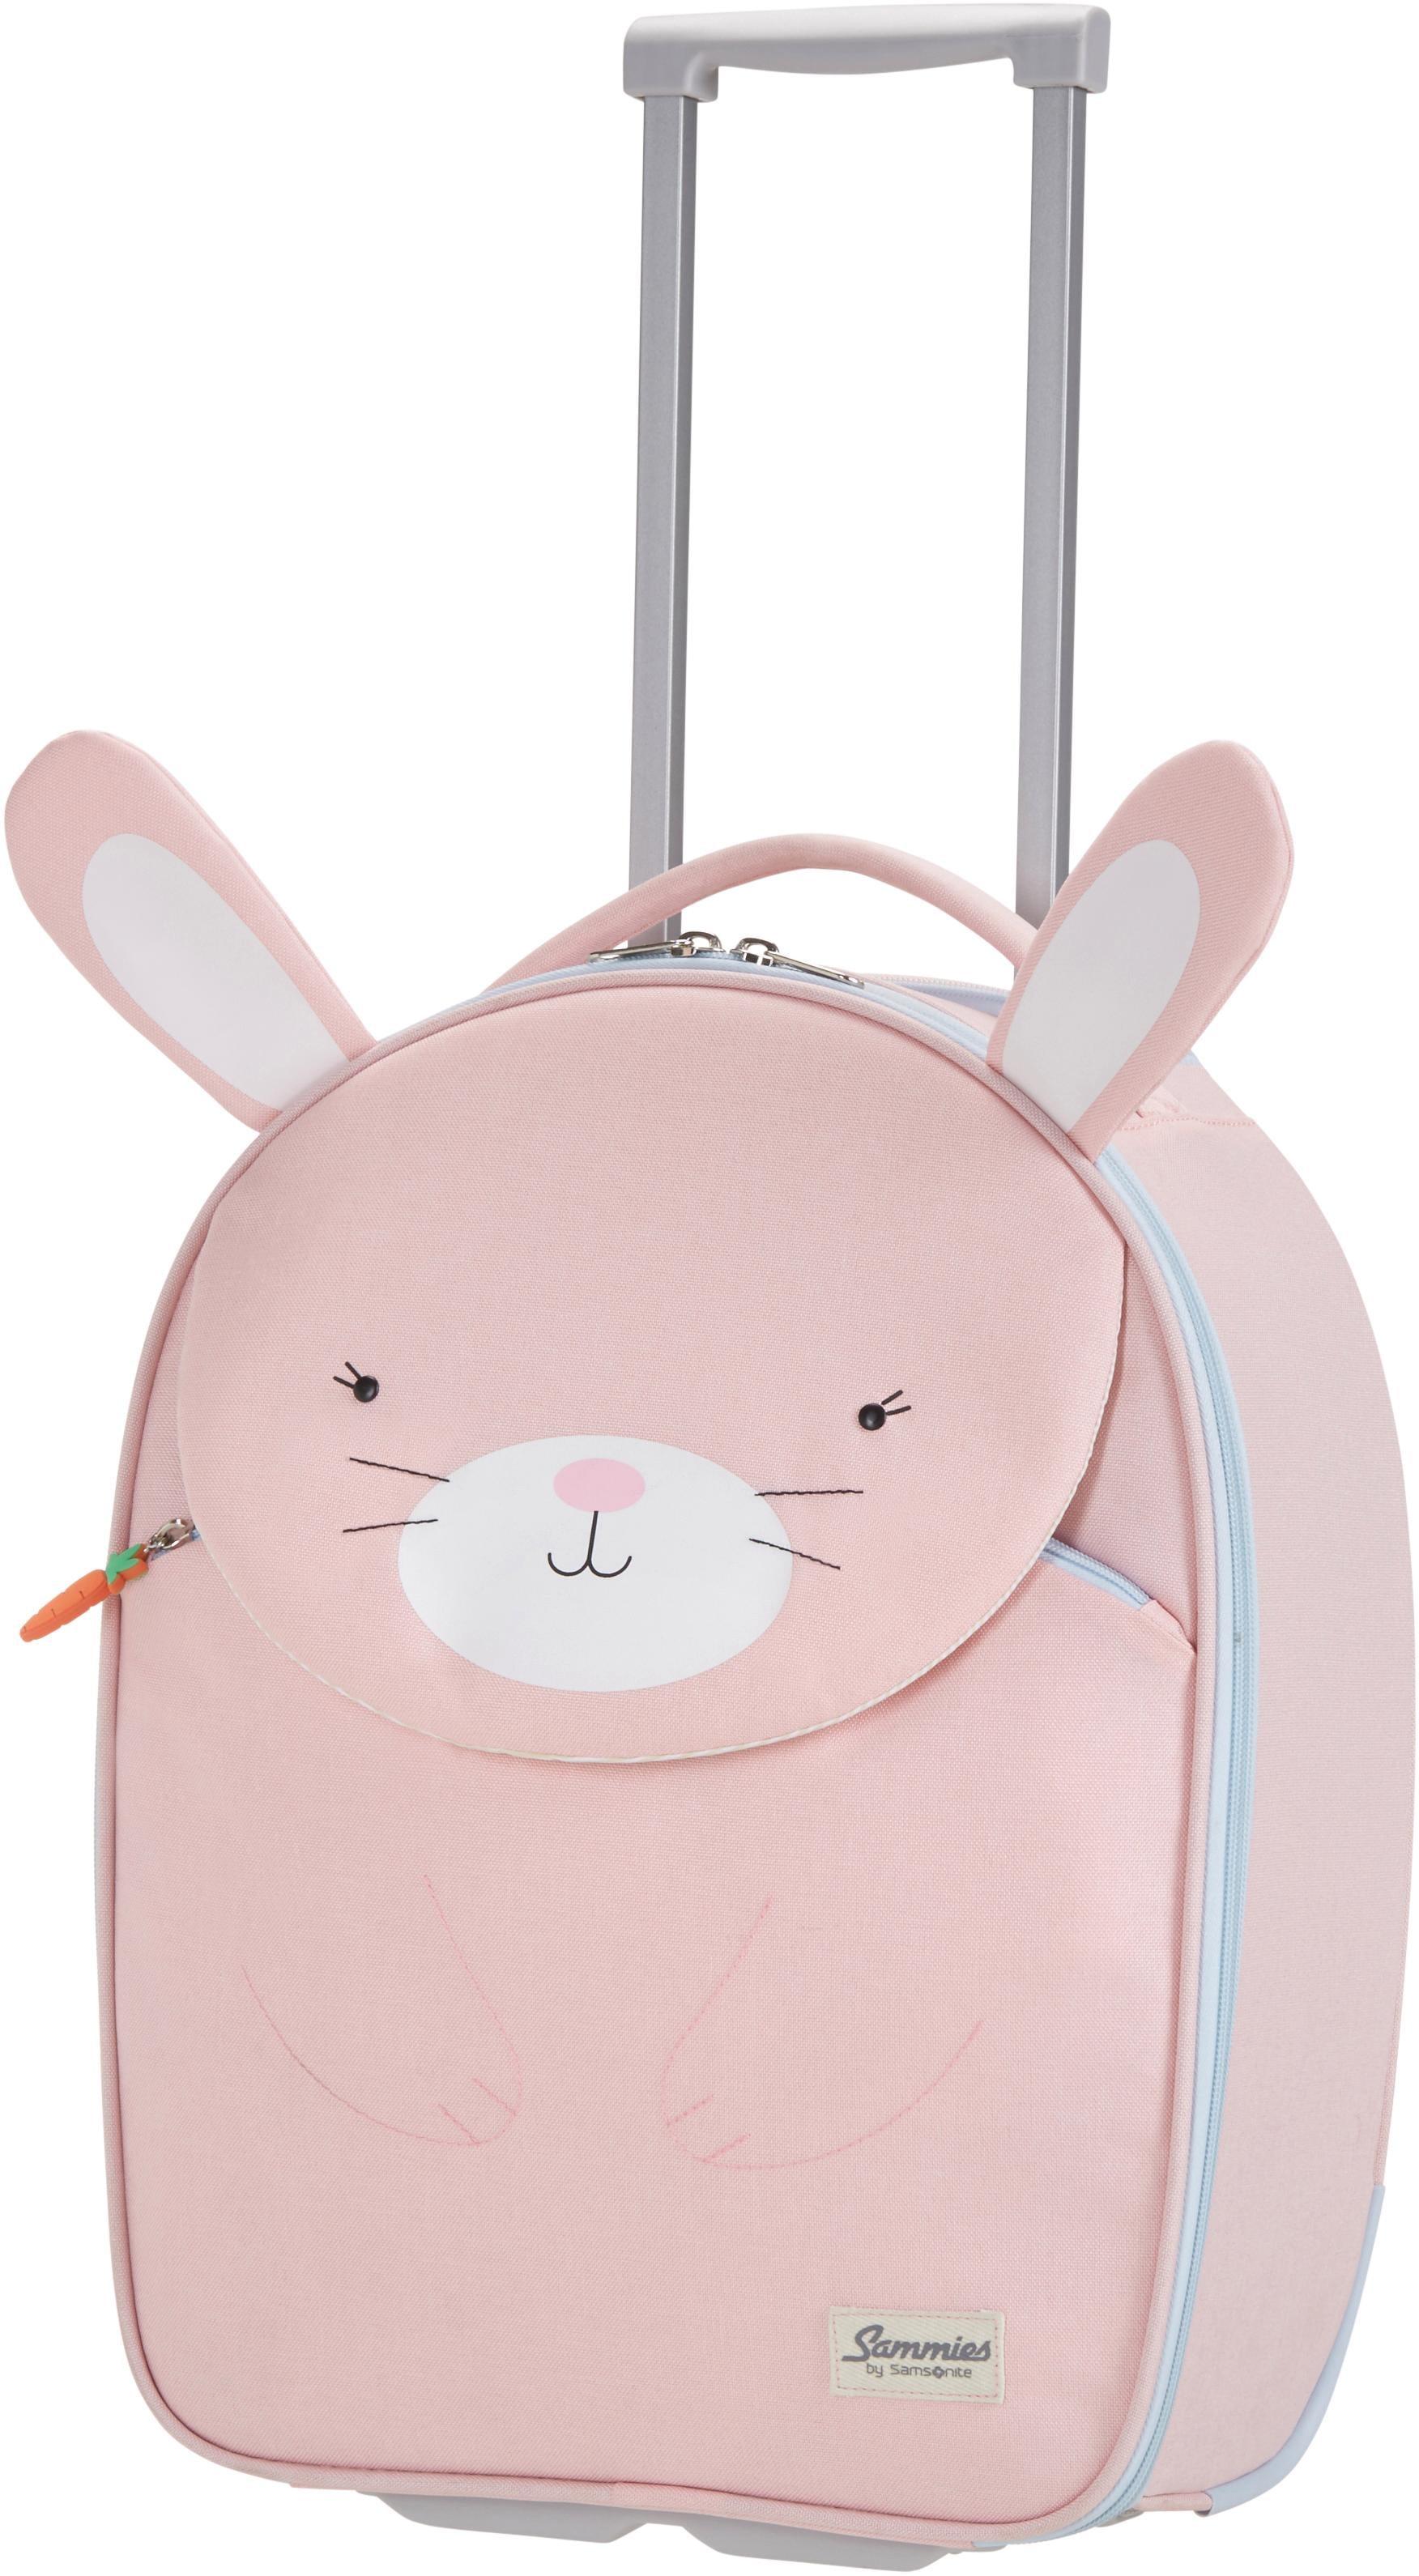 Sammies by Samsonite Kinderkoffer Happy Sammies Rabbit Rosie 2 Rollen | Taschen > Koffer & Trolleys > Trolleys | Rosa | Sammies By Samsonite